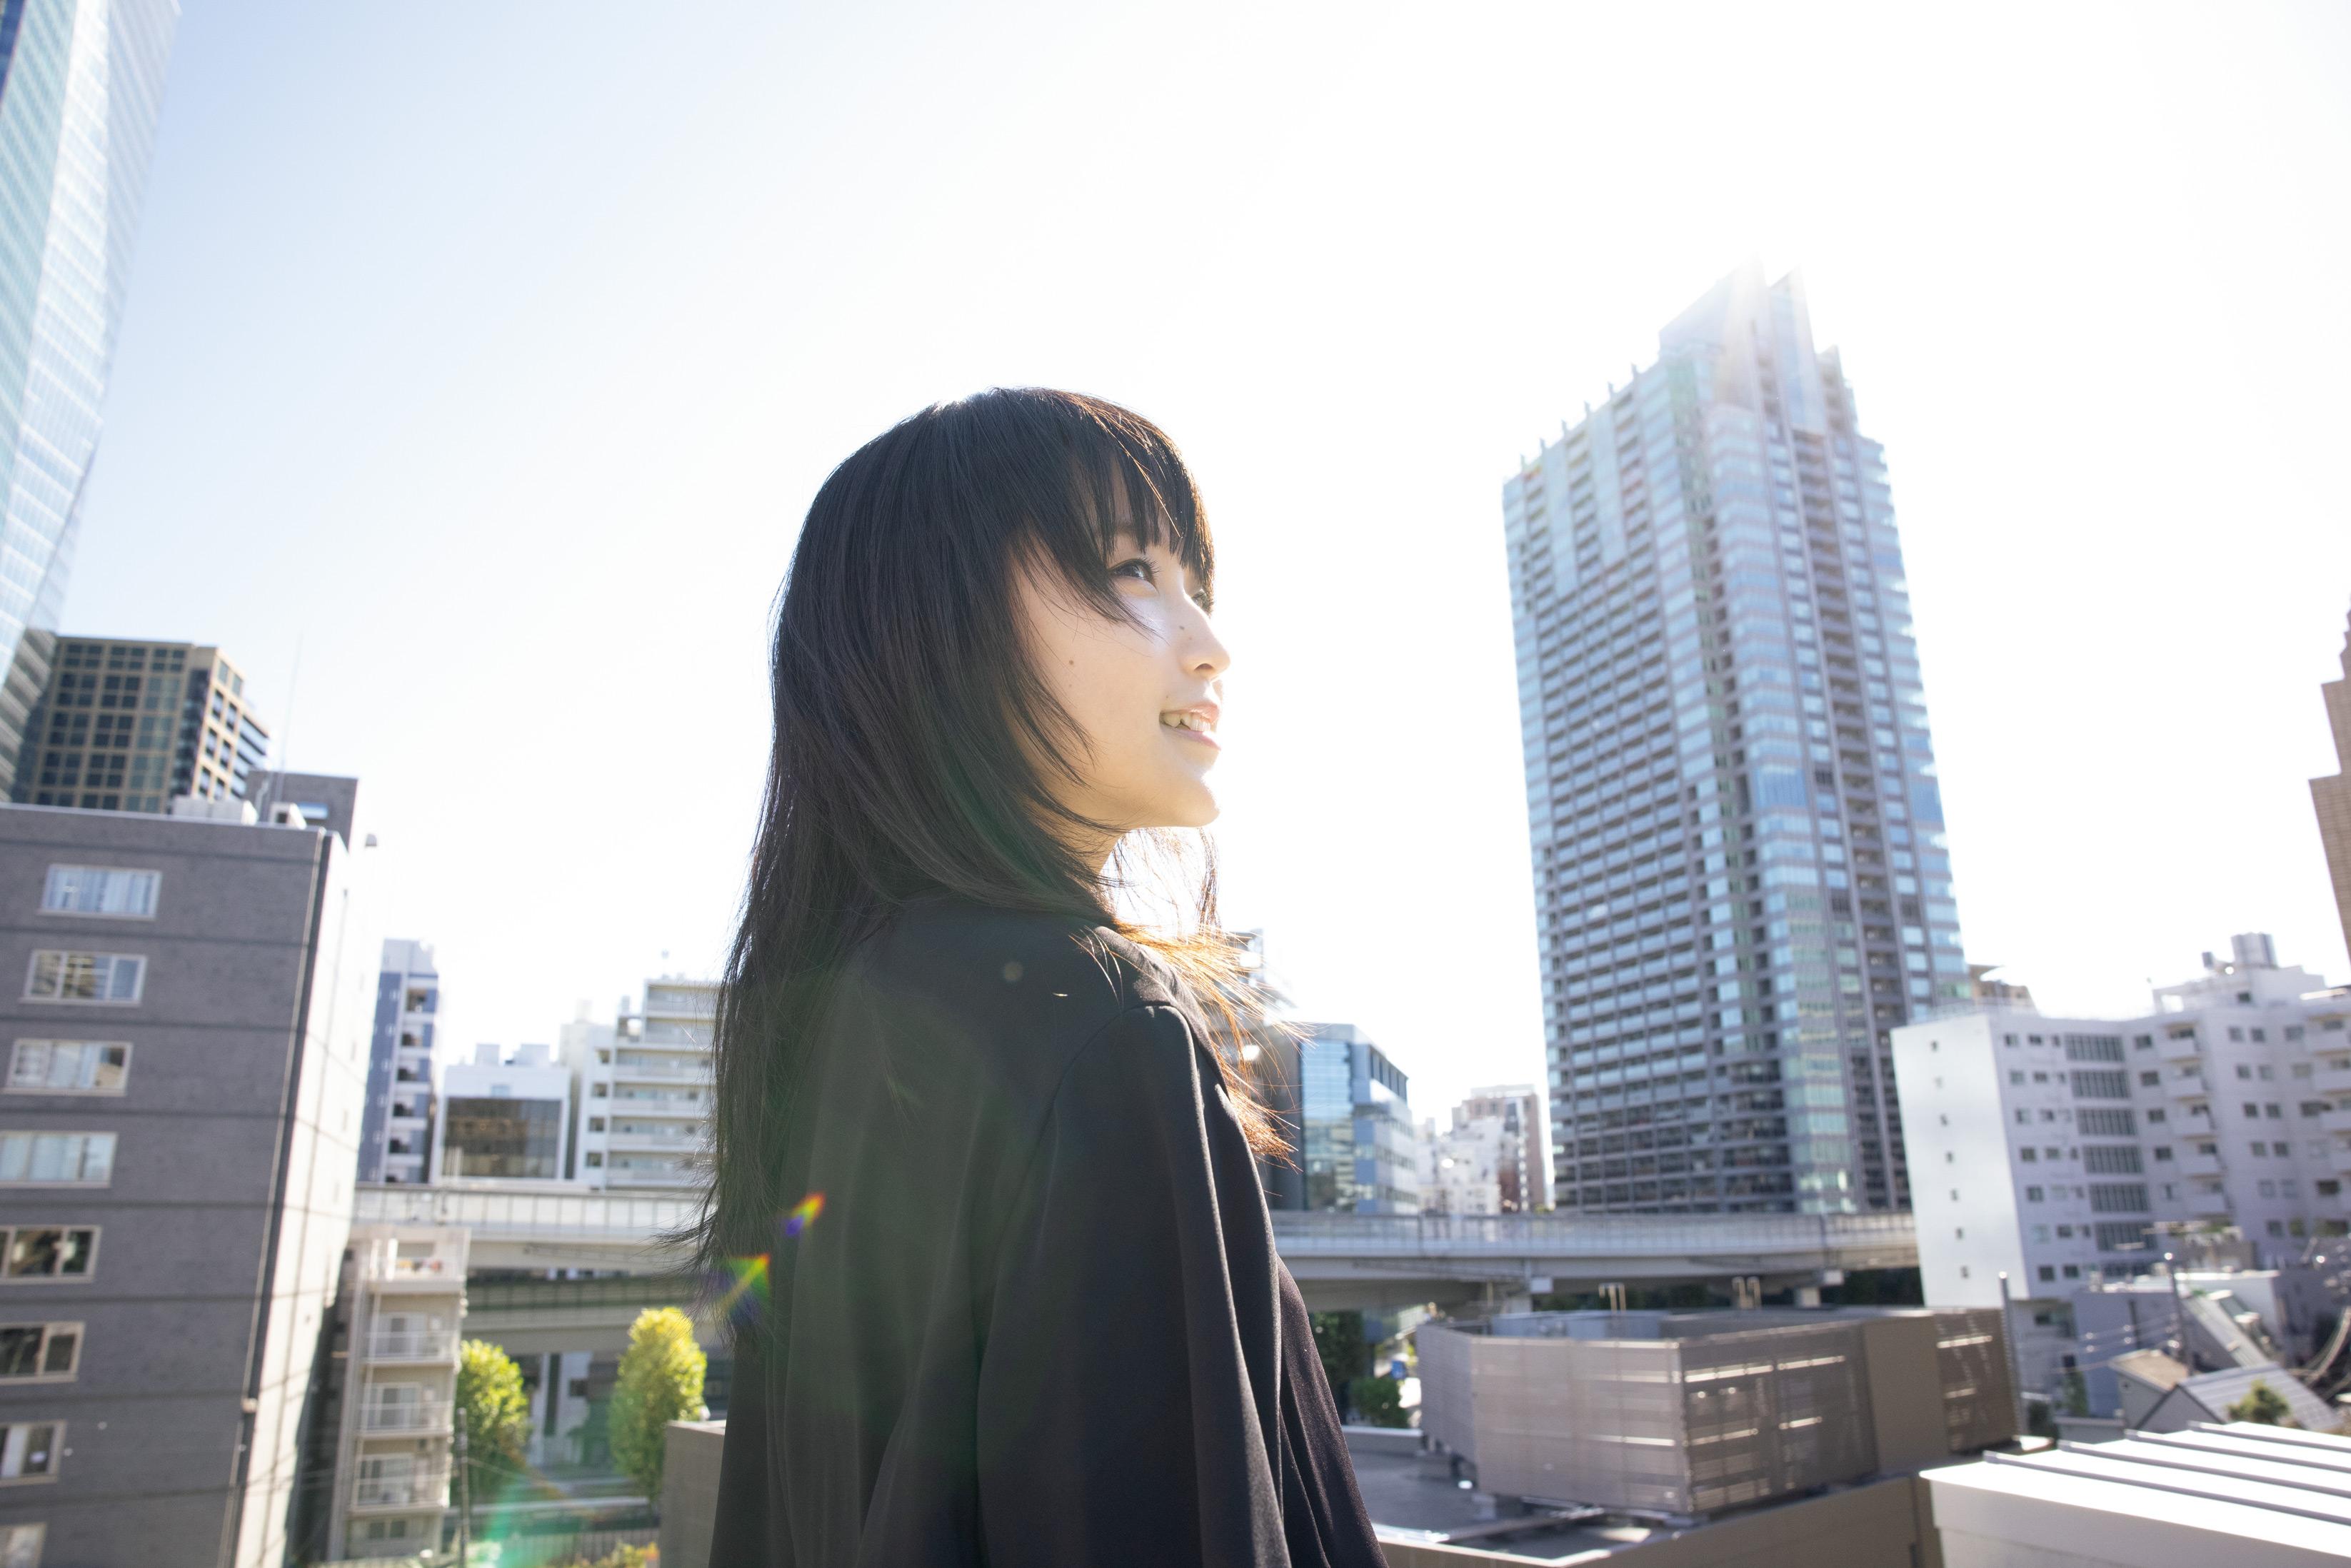 画像は、鞘師里保さん (C)光文社/週刊『FLASH』 写真◎西田幸樹